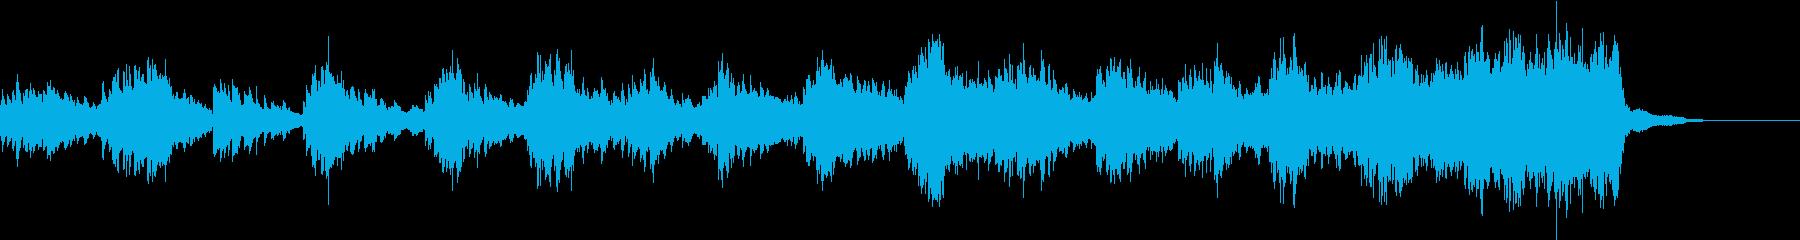 アンビエント 感情的 バラード エ...の再生済みの波形